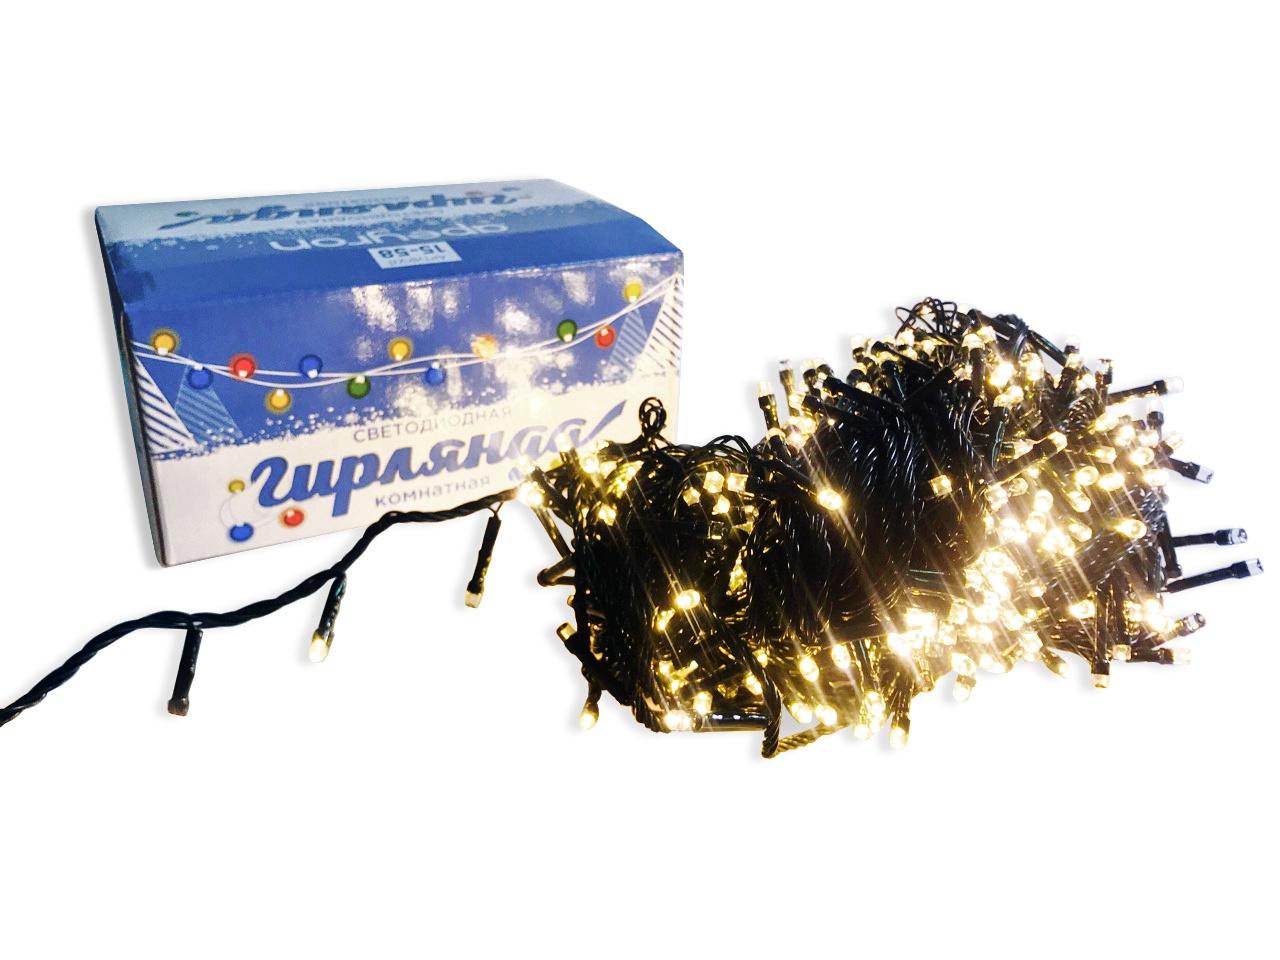 Гирлянда APEYRON electrics Теплый белый цвет, 15-58 электрическая гирлянда светодиодная apeyron бумажная 10ламп теплый белый 1 5м